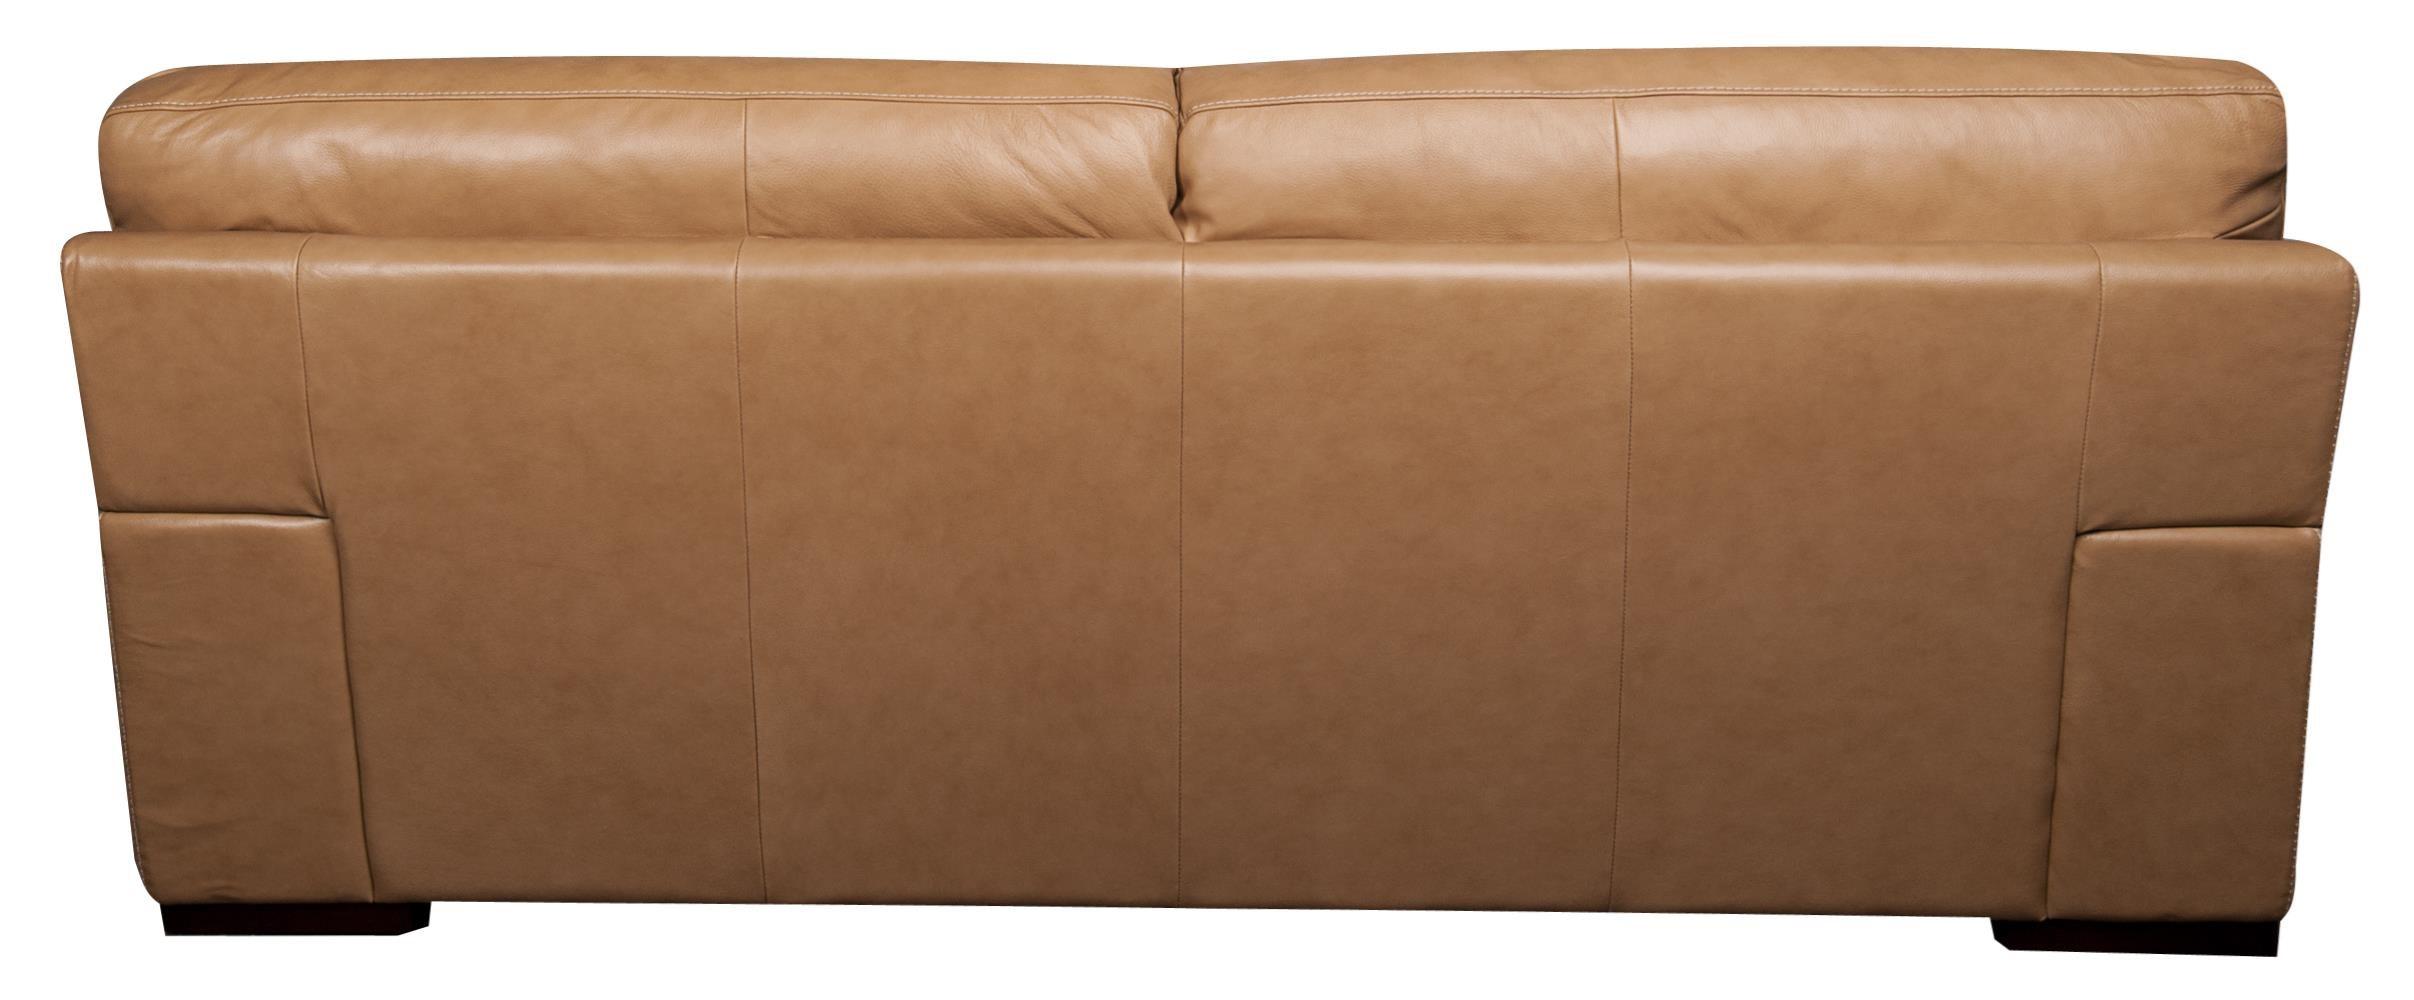 ... Morris Home Furnishings TitusTitus 100% Top Grain Leather Sofa